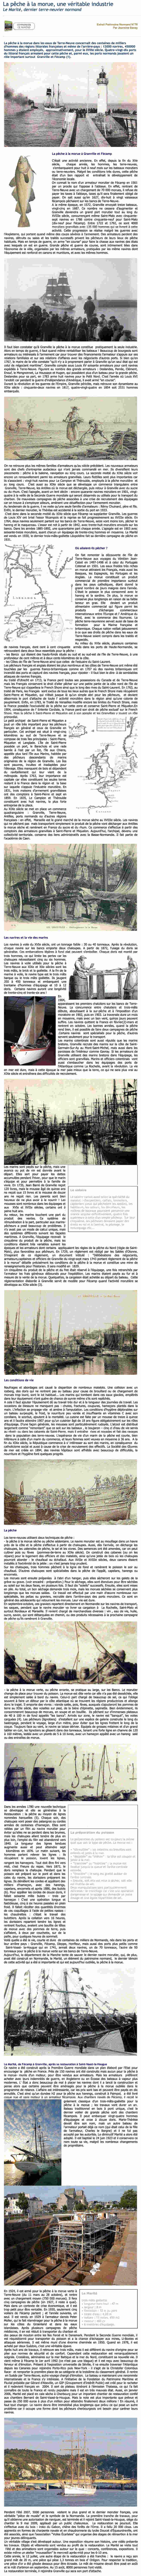 TOUR DE FRANCE VIRTUEL - Page 33 Patrim10